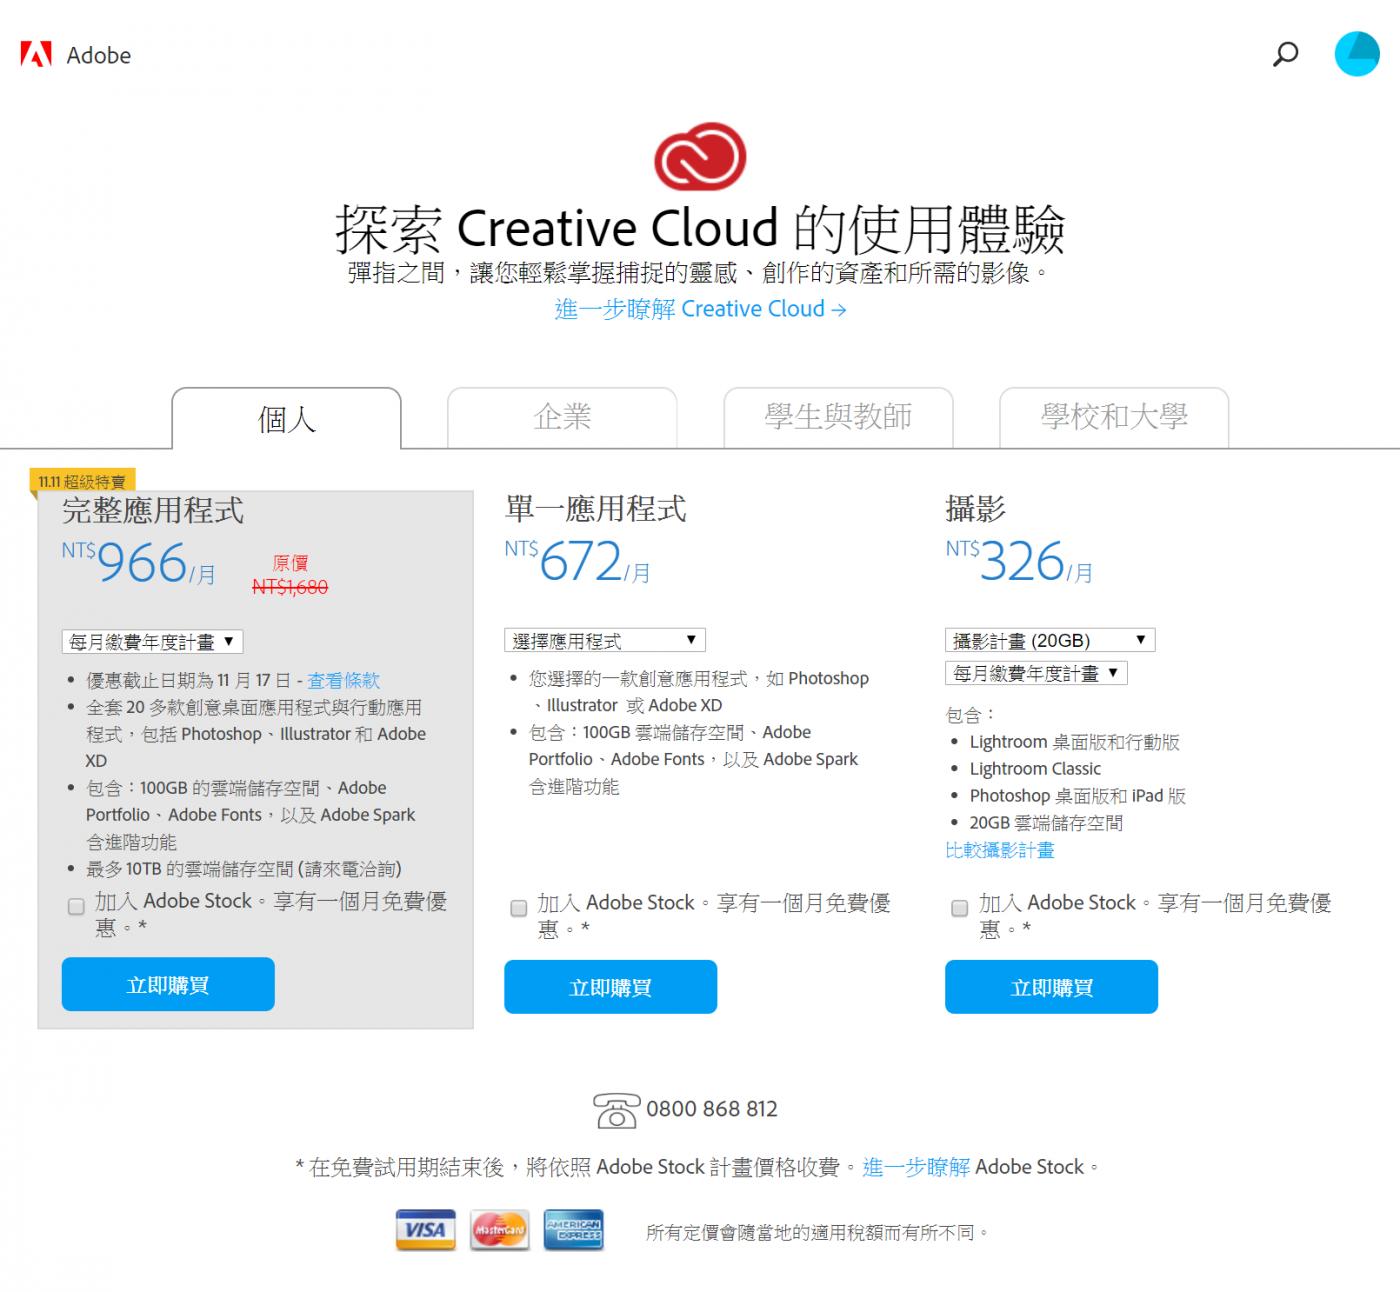 雙 11 特價 Adobe 訂閱方案 Adobe Creative Cloud 六折 / 學生三折 @3C 達人廖阿輝